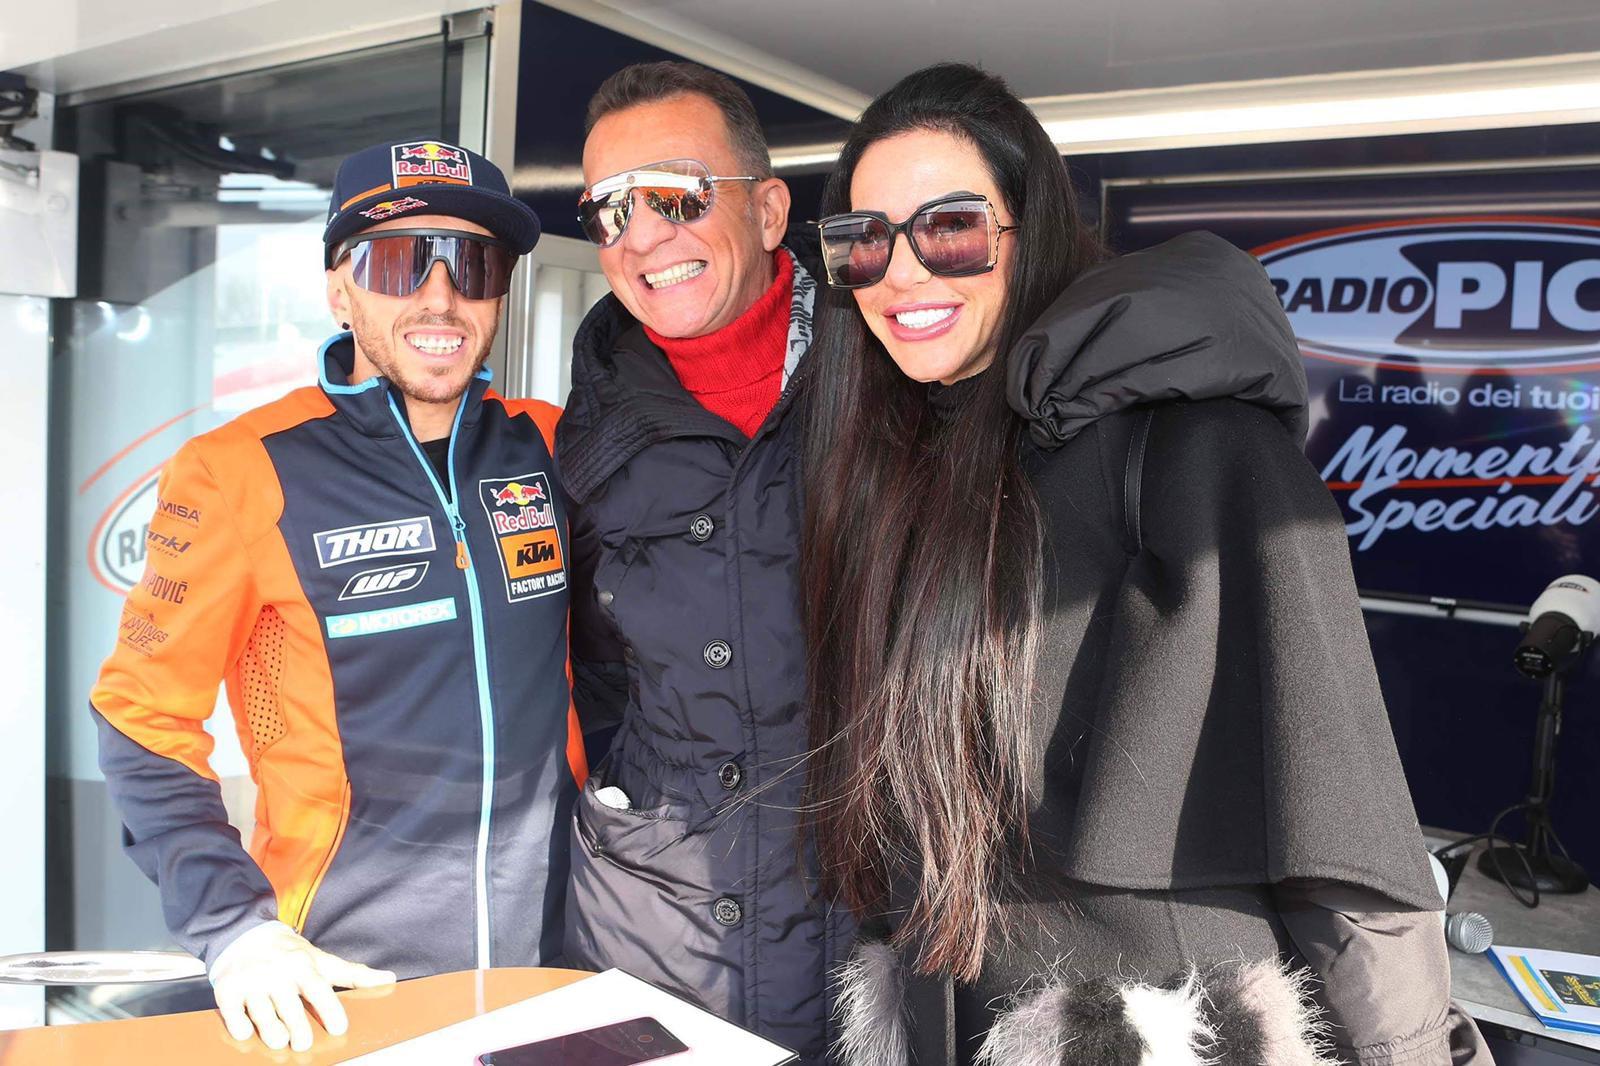 A Mantova il 3 e 4 ottobre il Gran Premio della Lombardia, StudioBergonziniComunicazione curerà l'ufficio stampa